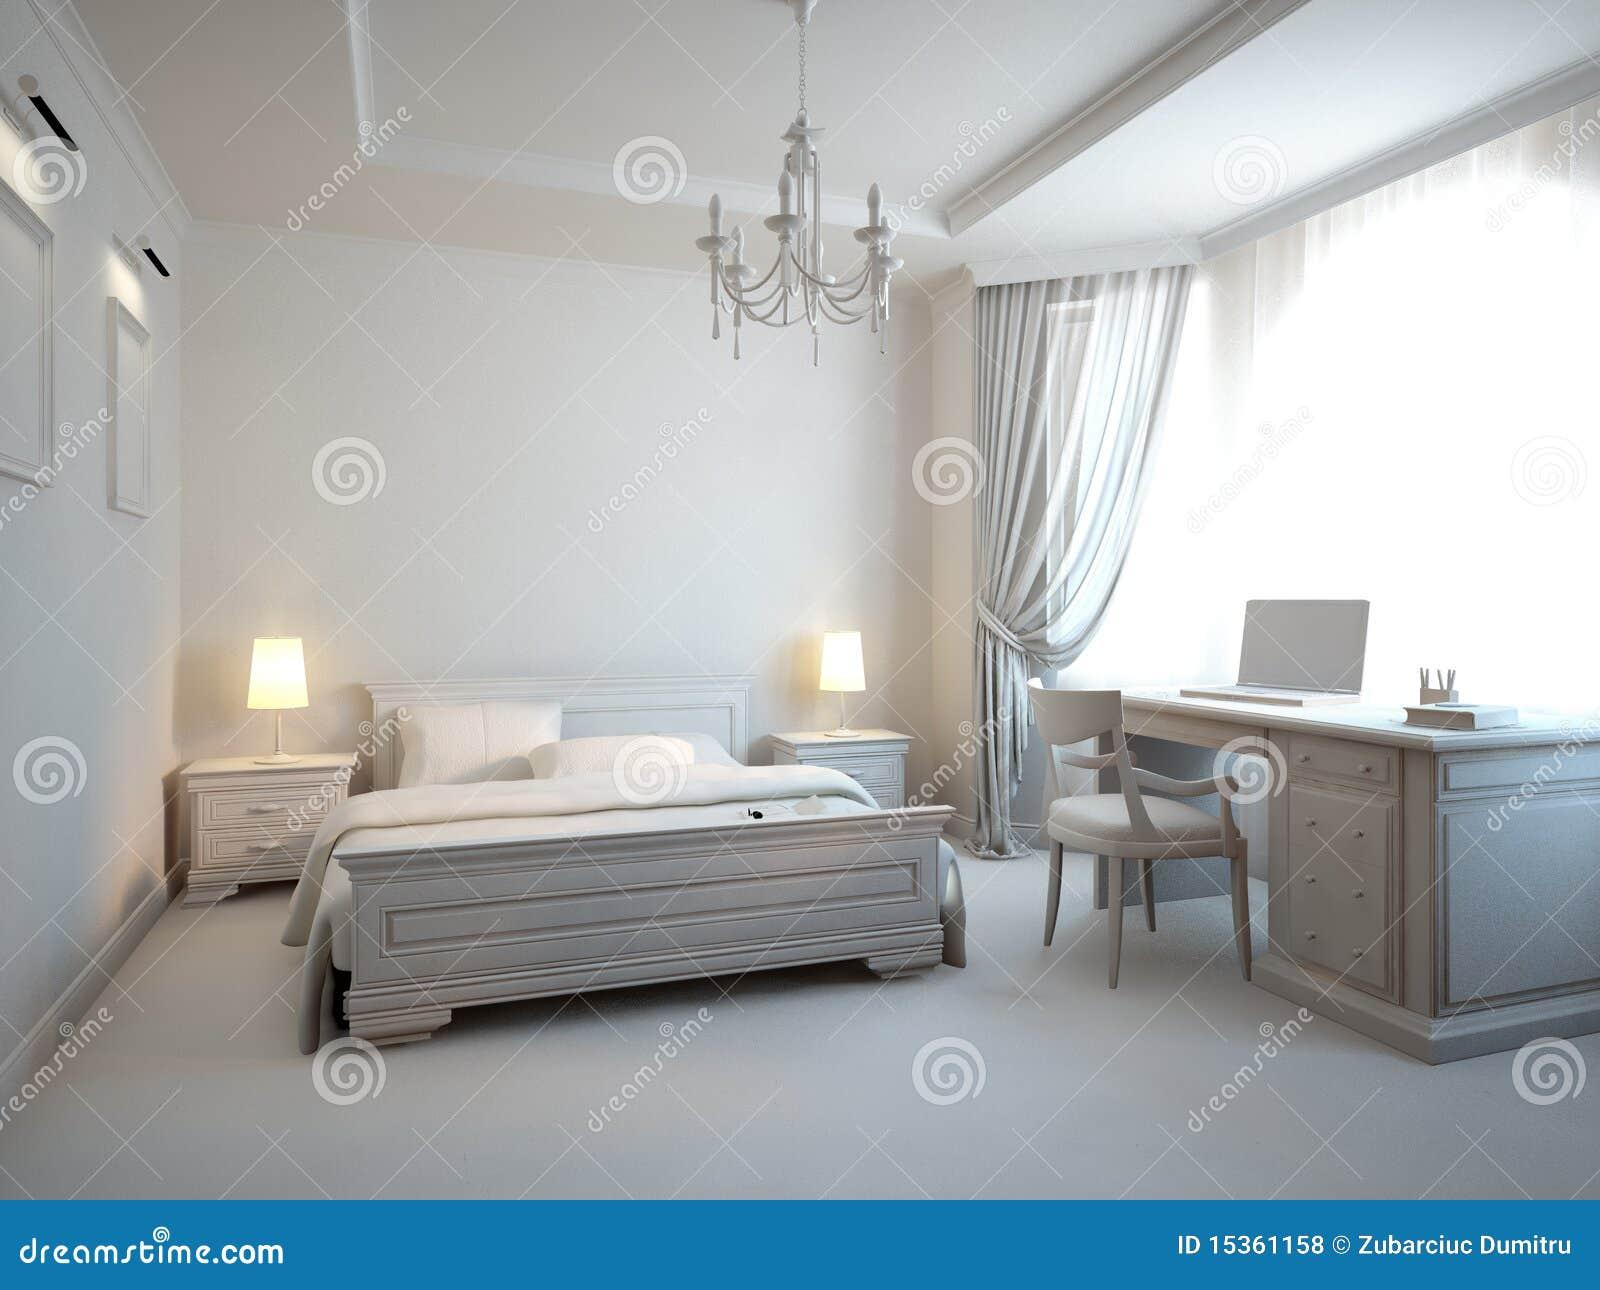 Grijze slaapkamer royalty vrije stock foto 39 s afbeelding 15361158 - Grijze slaapkamer ...